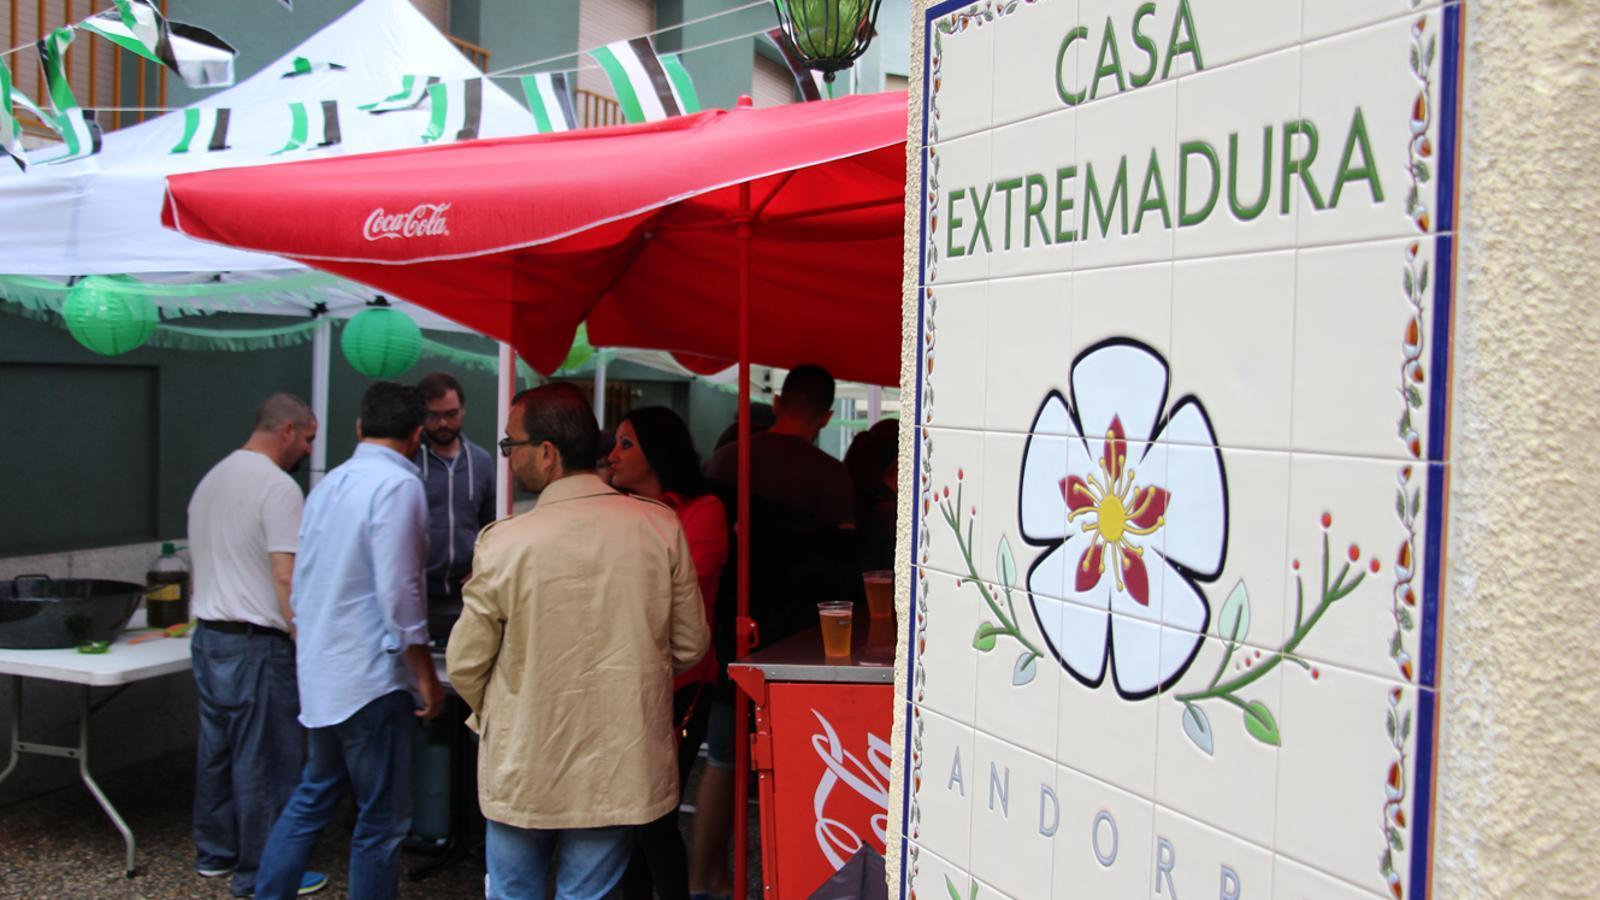 La celebració del Dia d'Extremadura a Andorra el 2017. / M. M. (ANA)